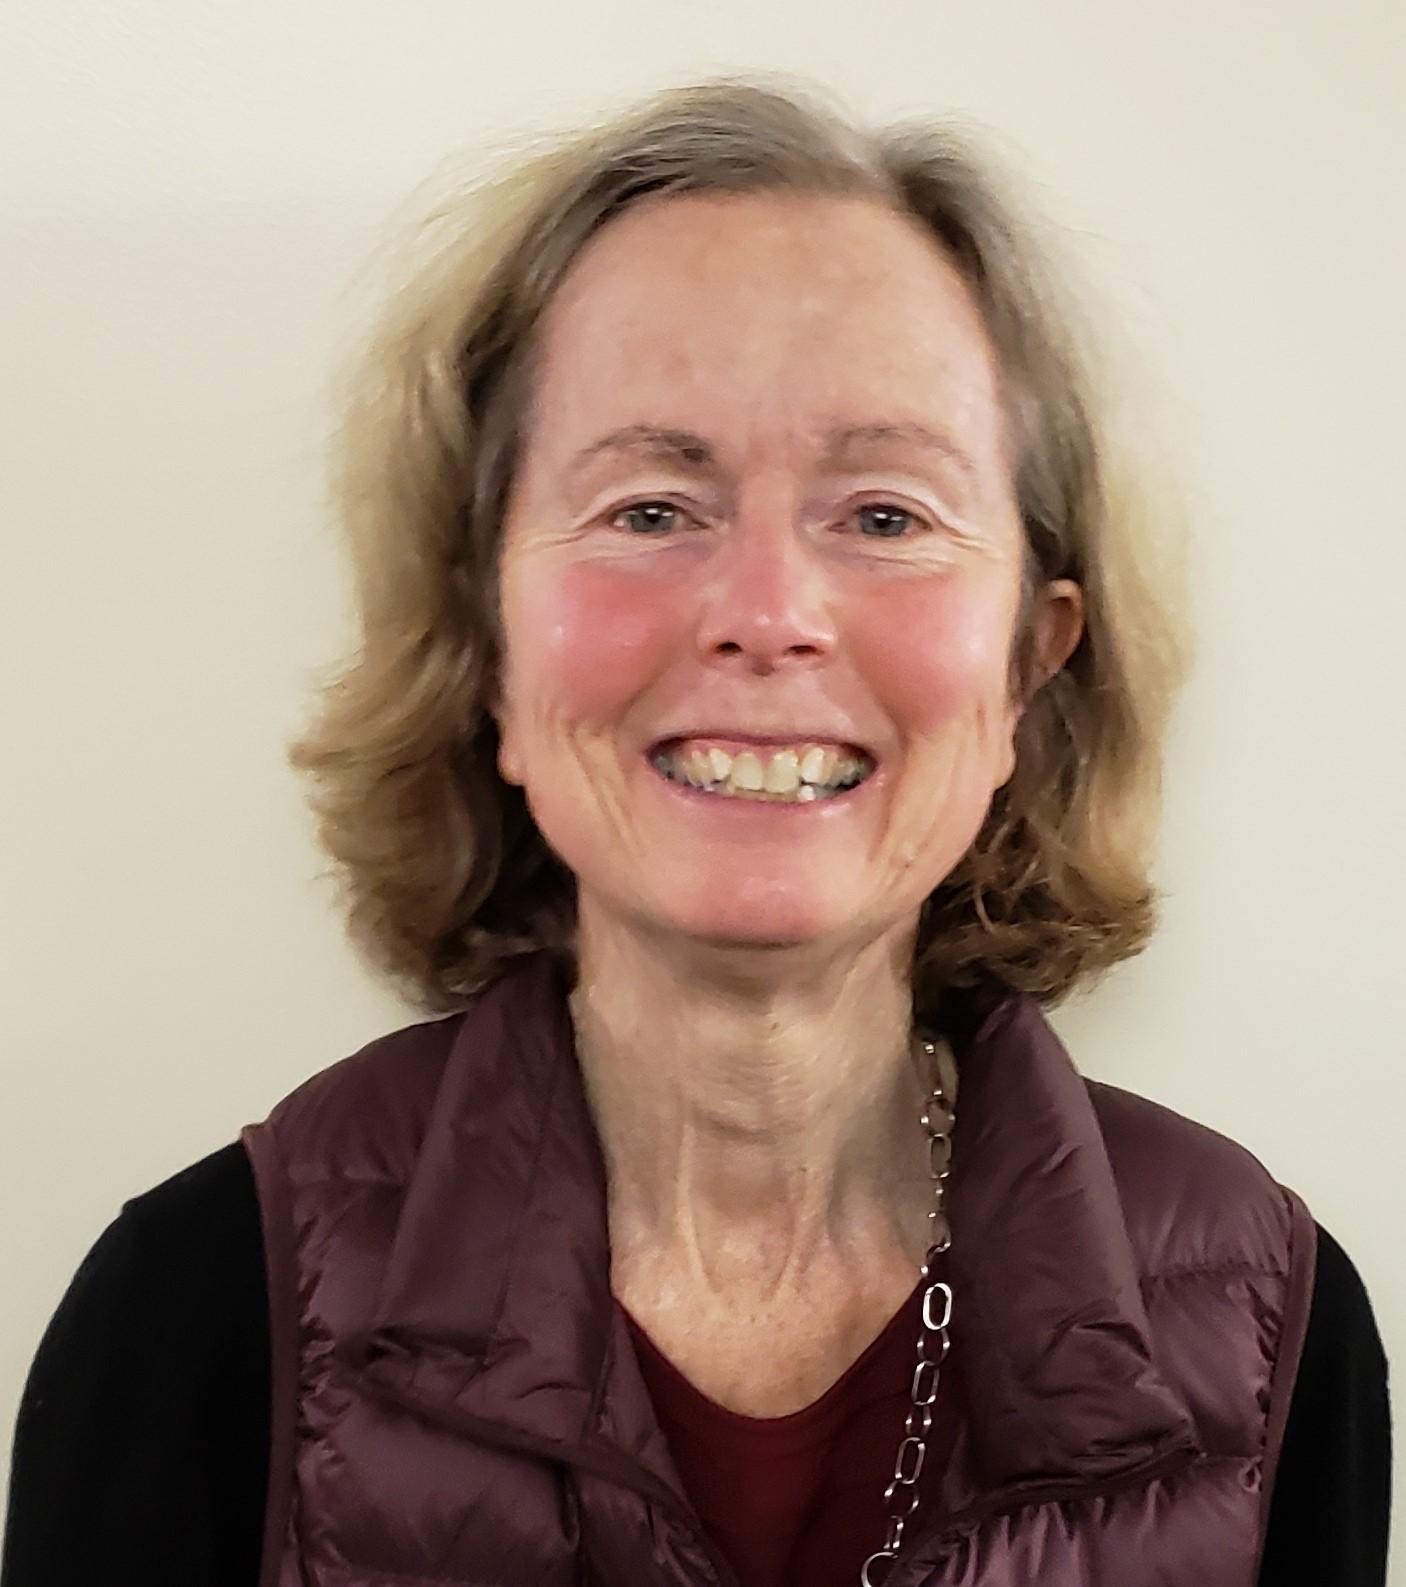 Kathleen Megan